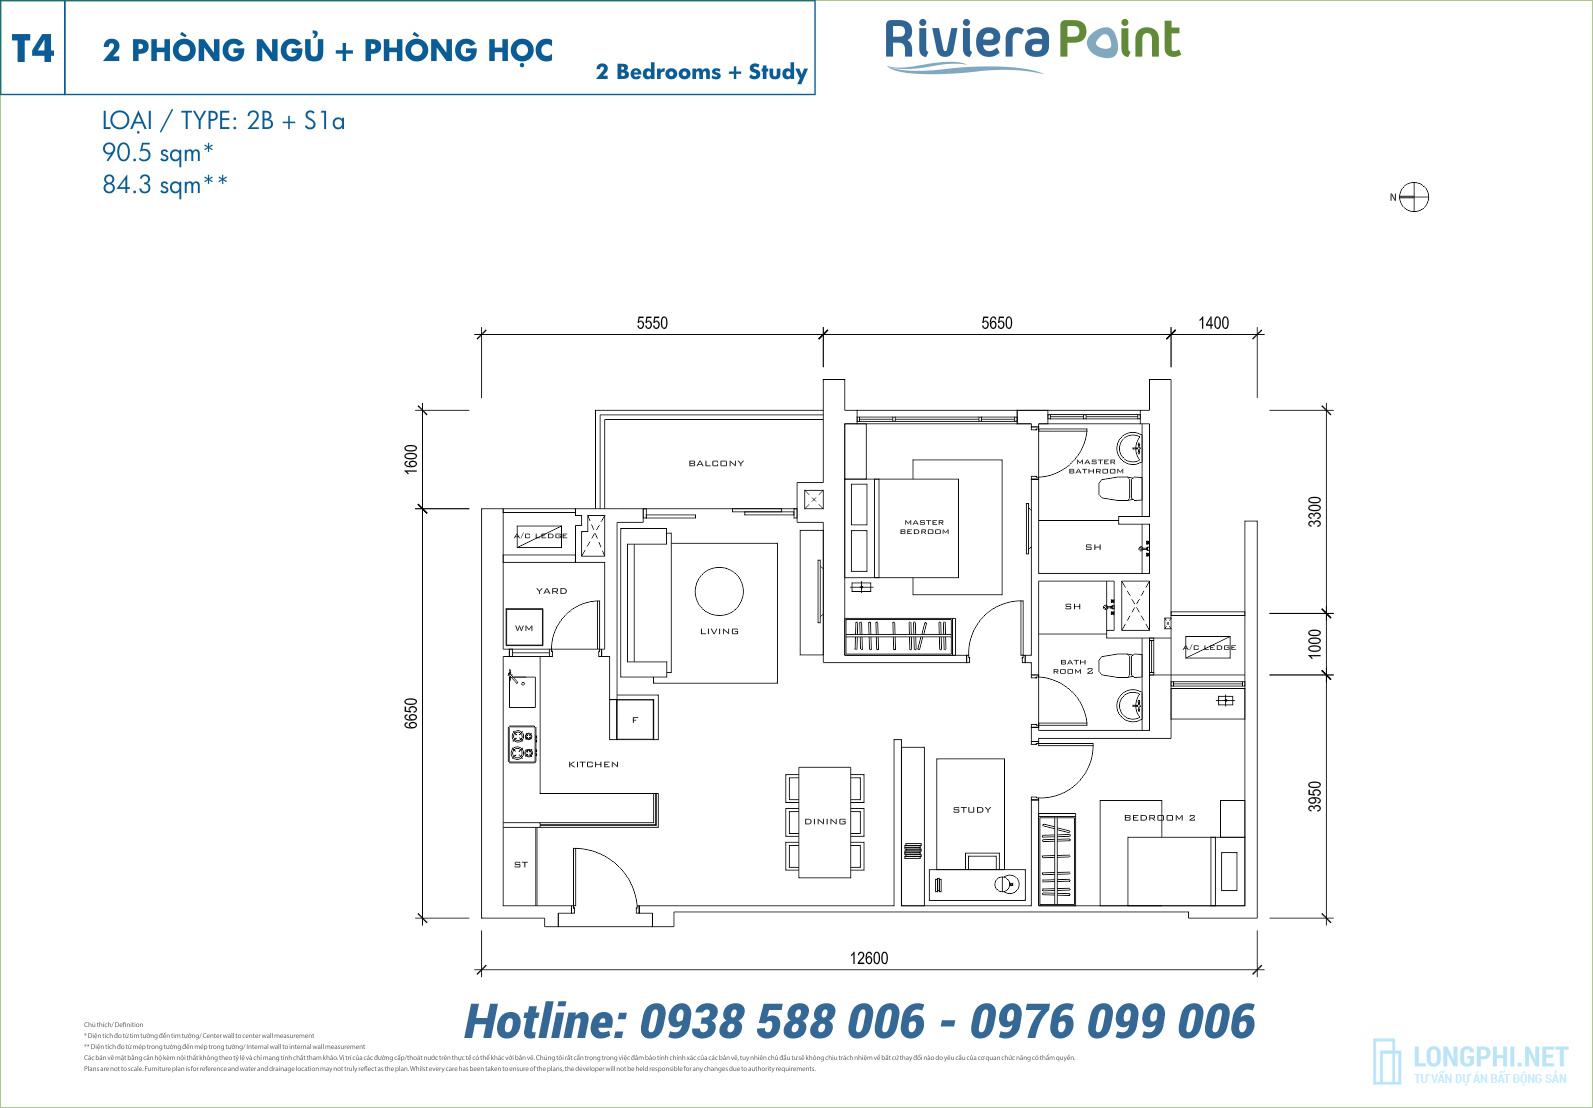 Mặt bằng căn hộ Riviera Point quận 7 cần bán lỗ.